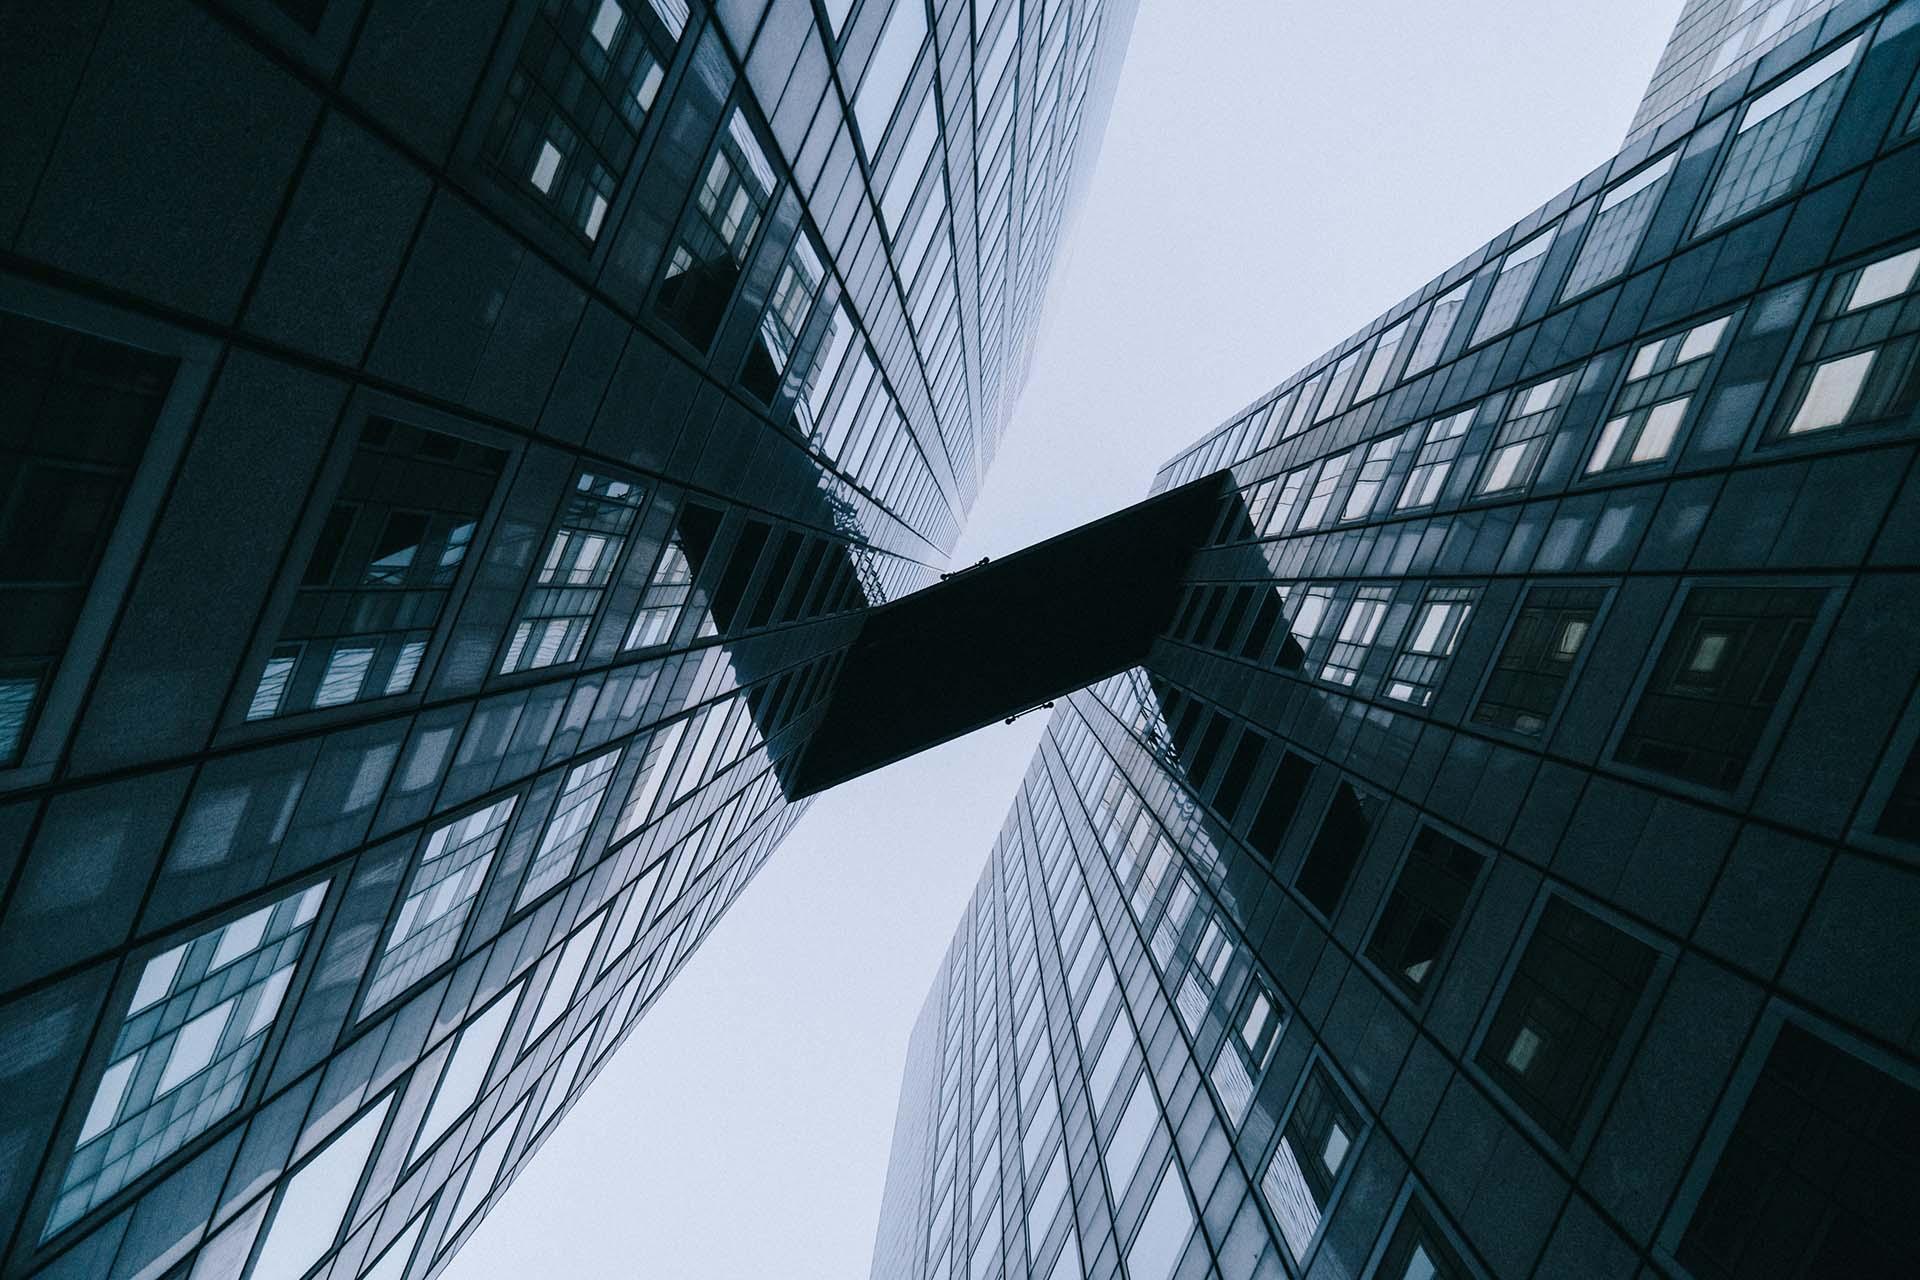 Gesetzesentwurf: Bundesregierung sorgt für mögliche Immobilienblase vor